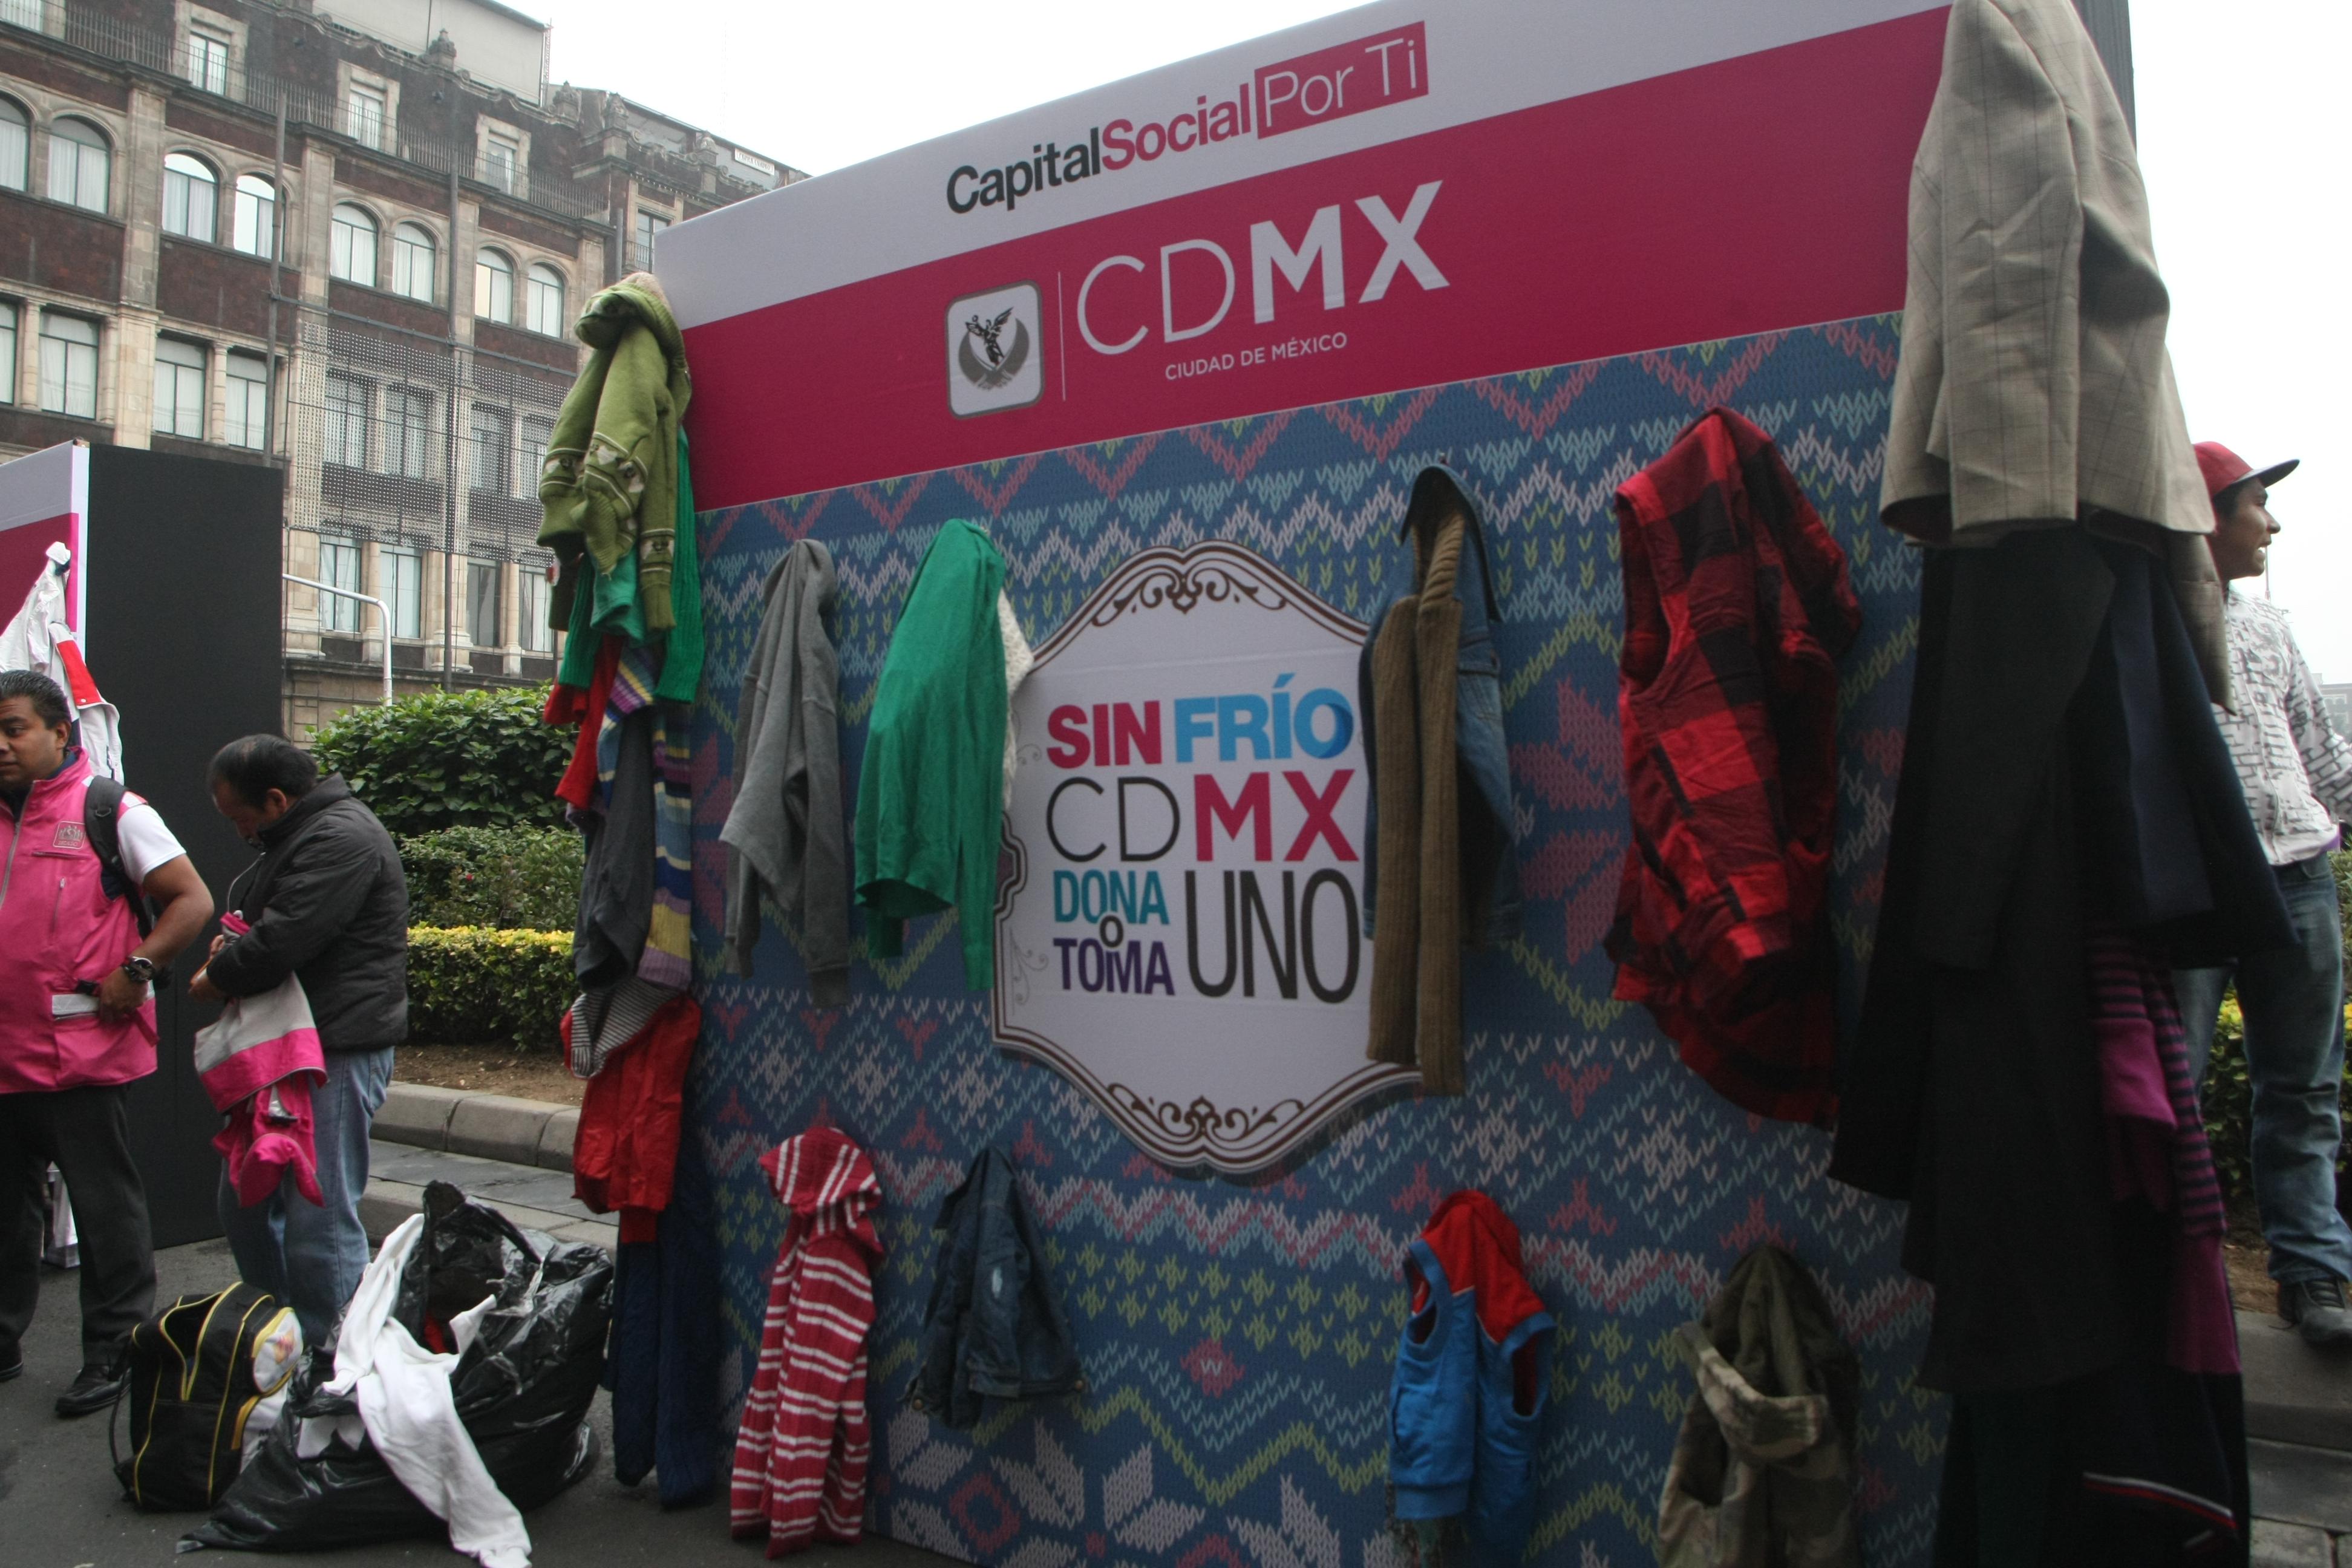 Espacios públicos de la CDMX se convierten en sitios de apoyo solidario